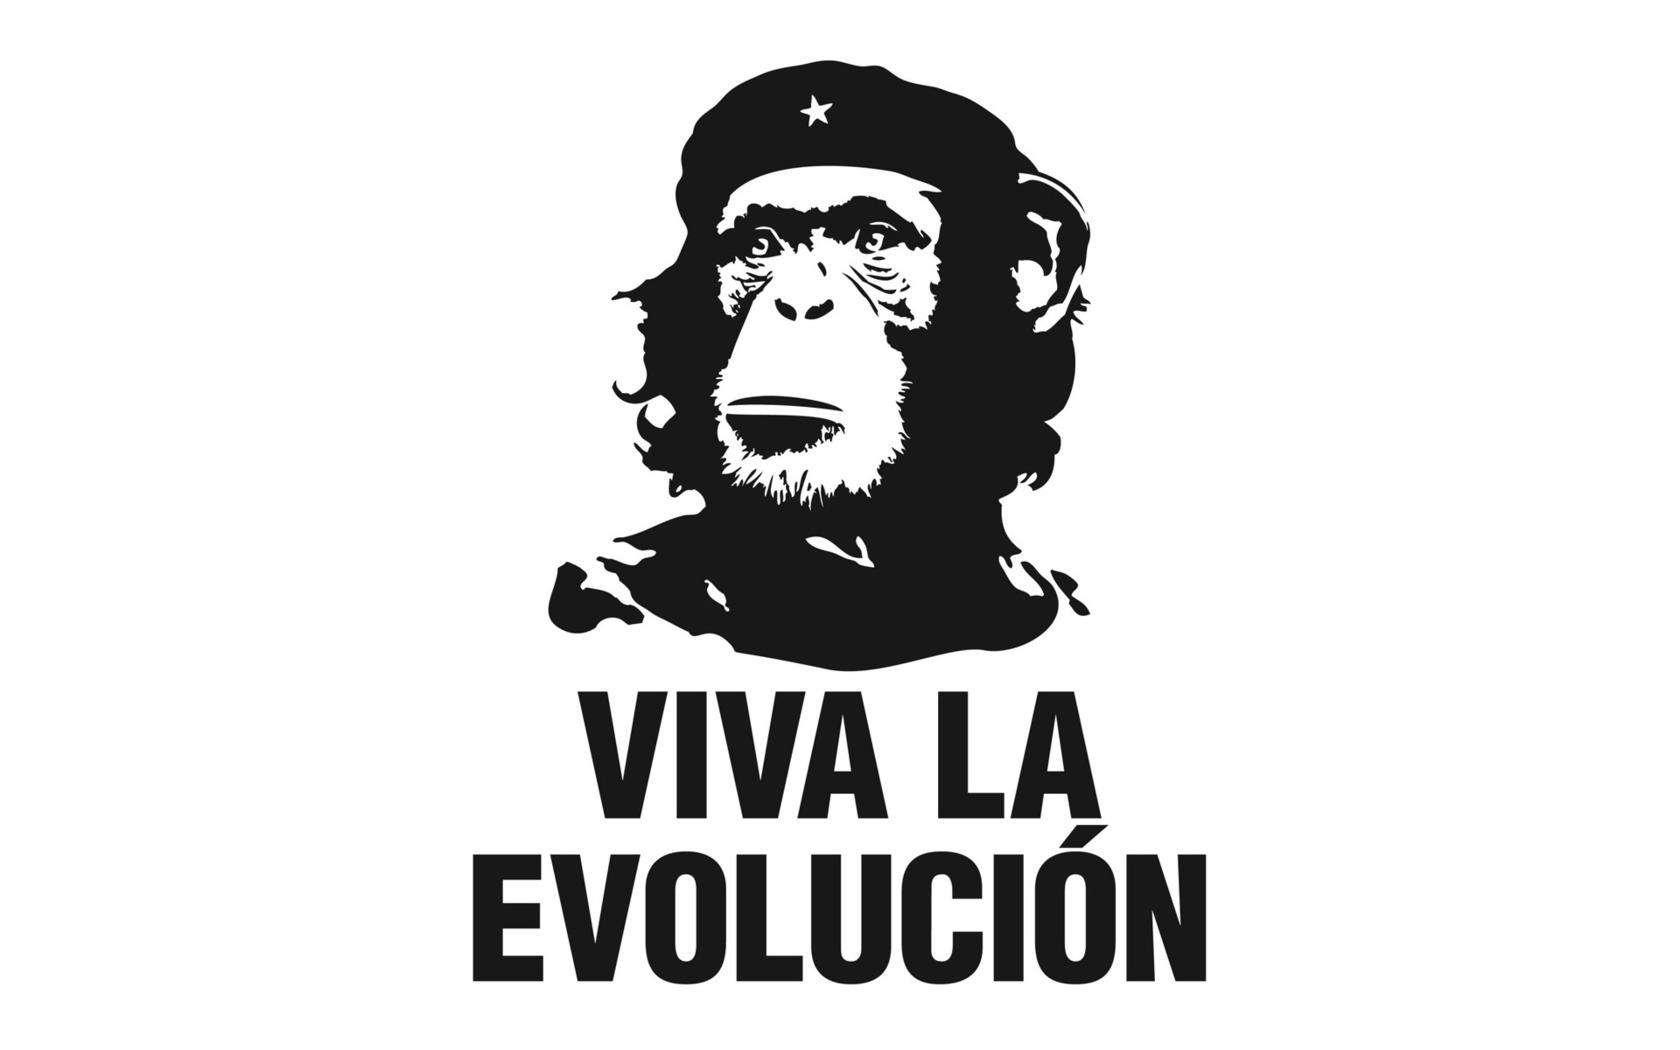 «Χαμένος Κρίκος»; Ποιος Χαμένος Κρίκος; – Οι αποδείξεις της θεωρίας της εξέλιξης